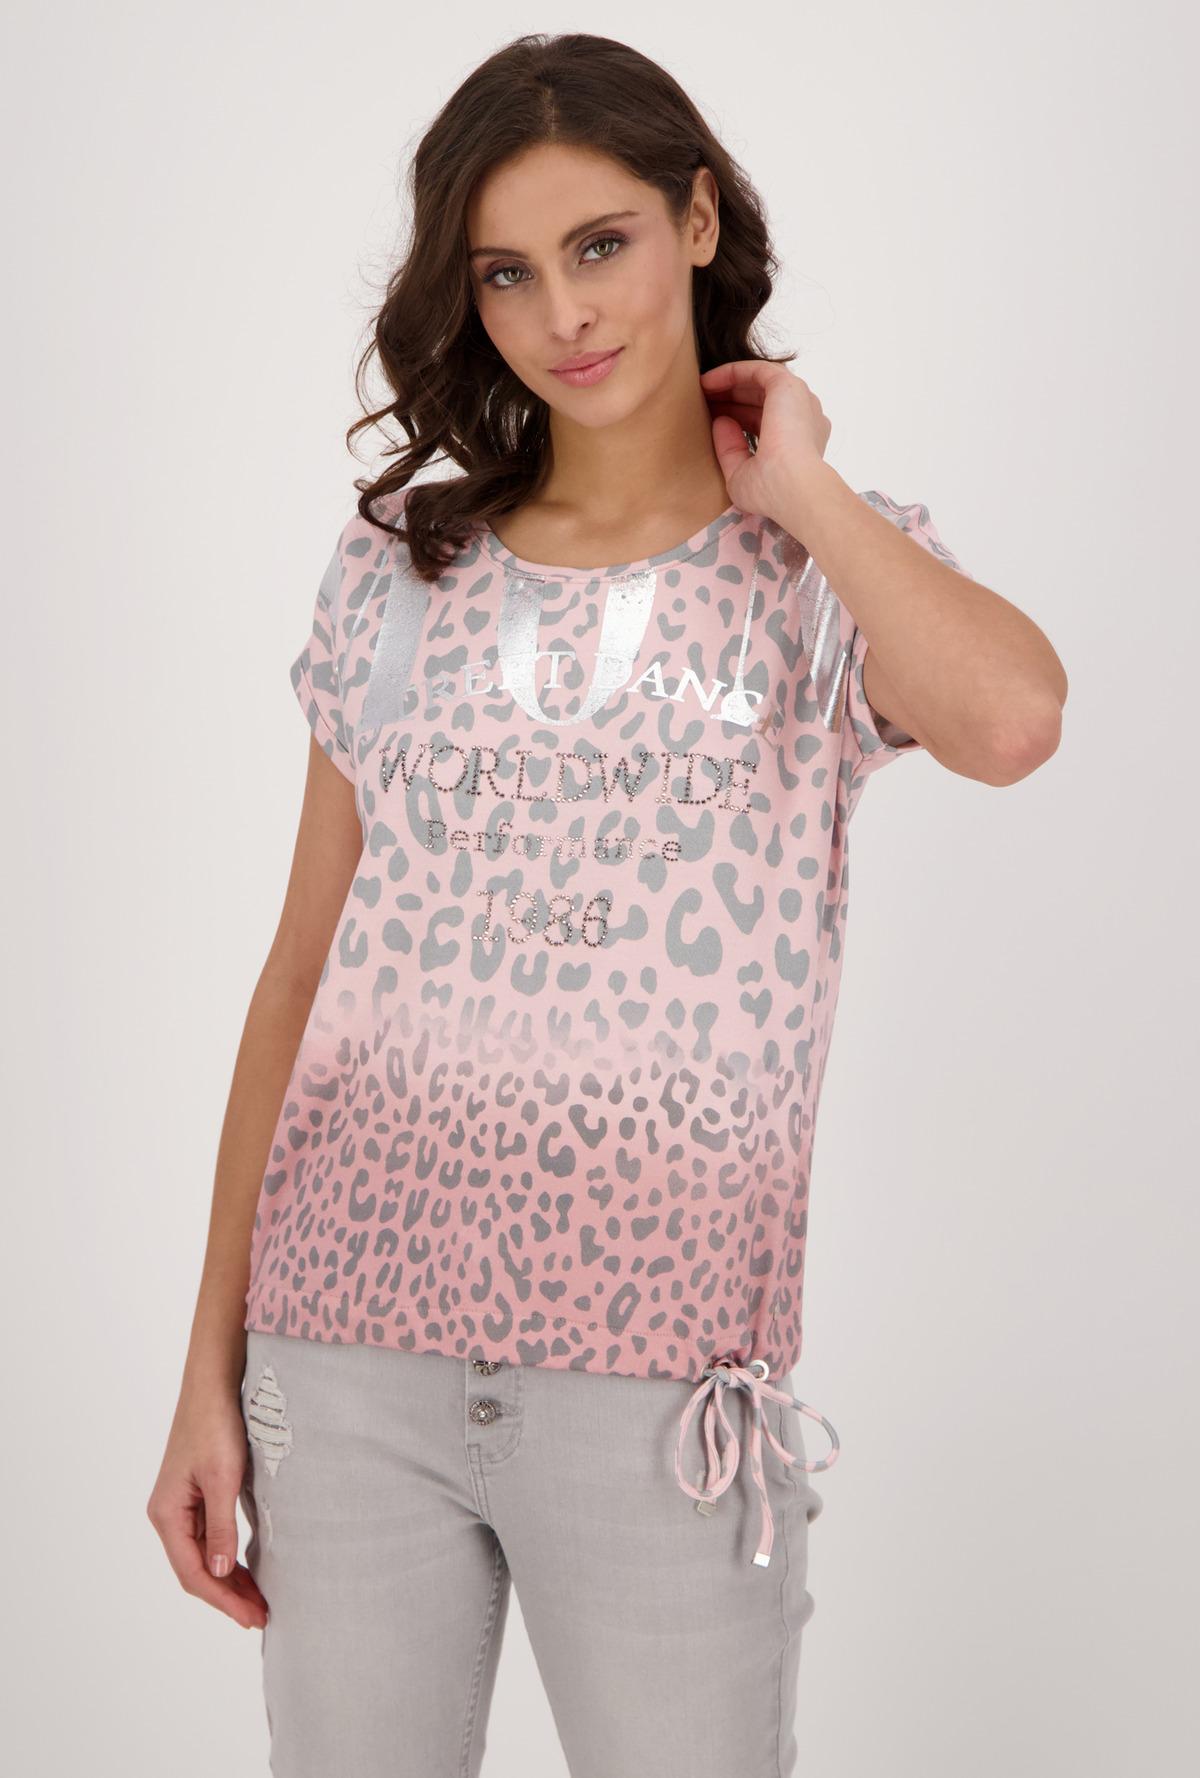 Monari Shirt Worldwide